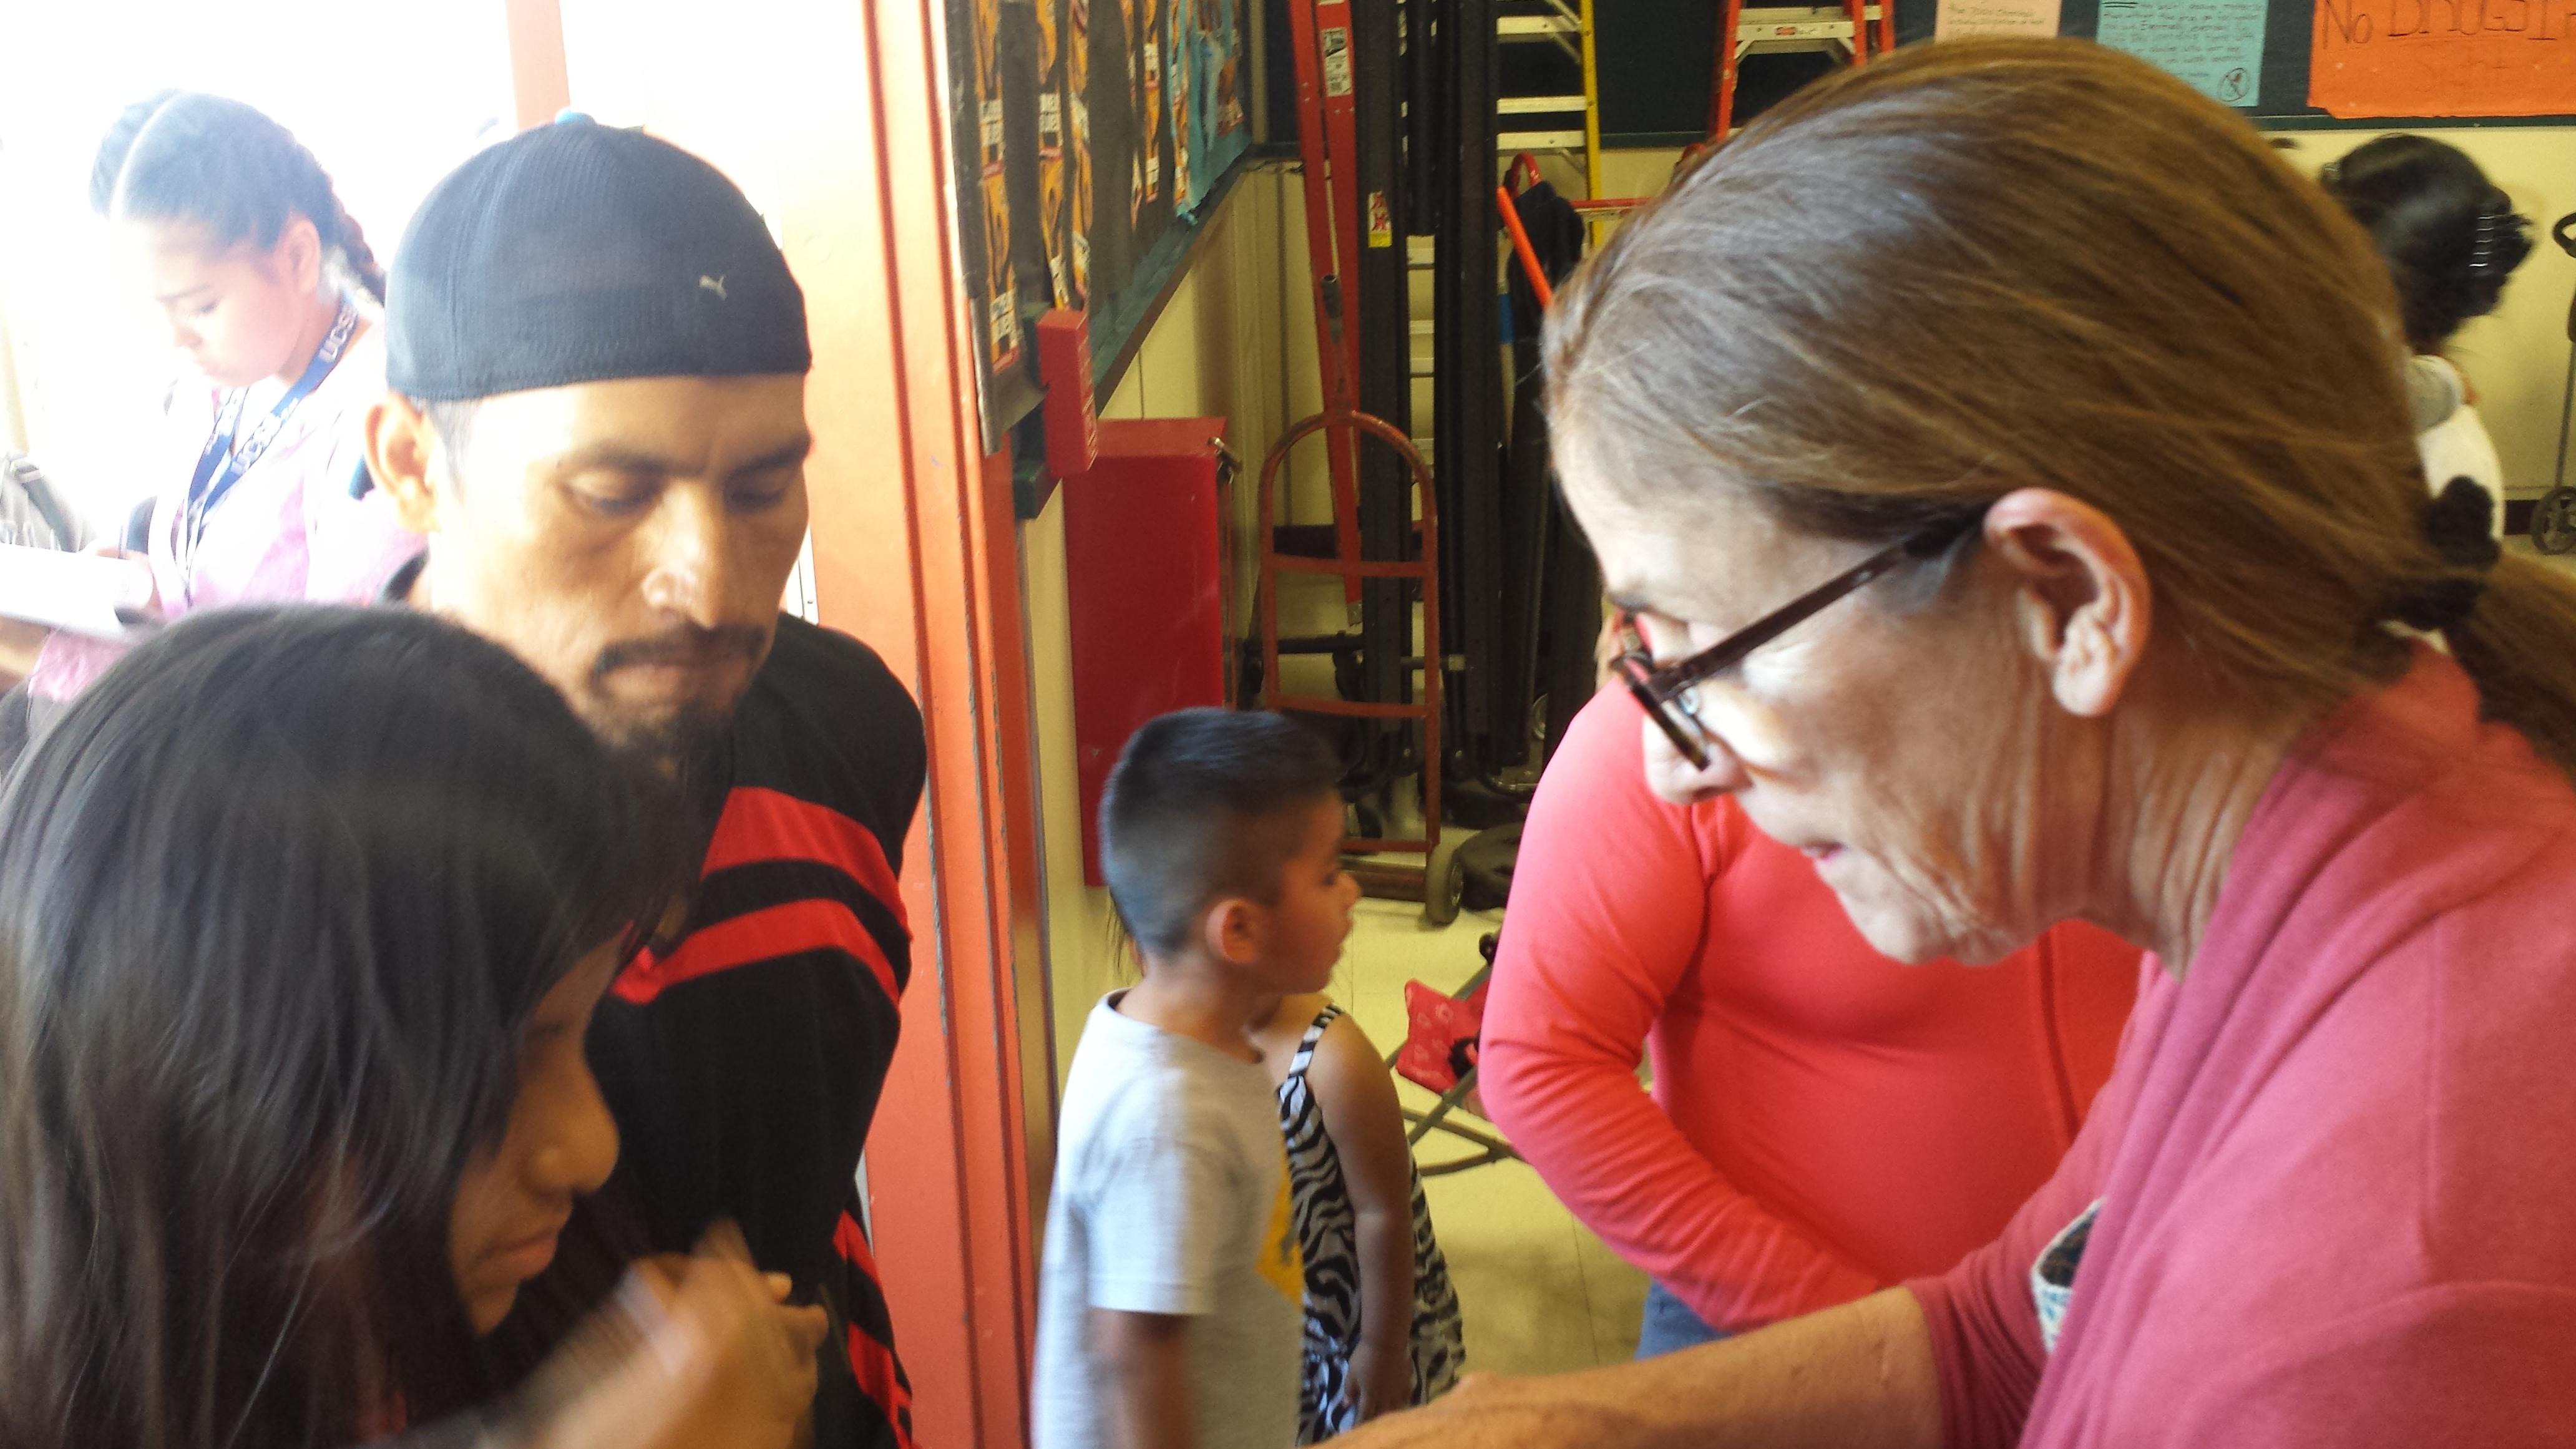 Voluntaria toma datos de familias que van a vacunarse. Foto: Rubén Tapia.